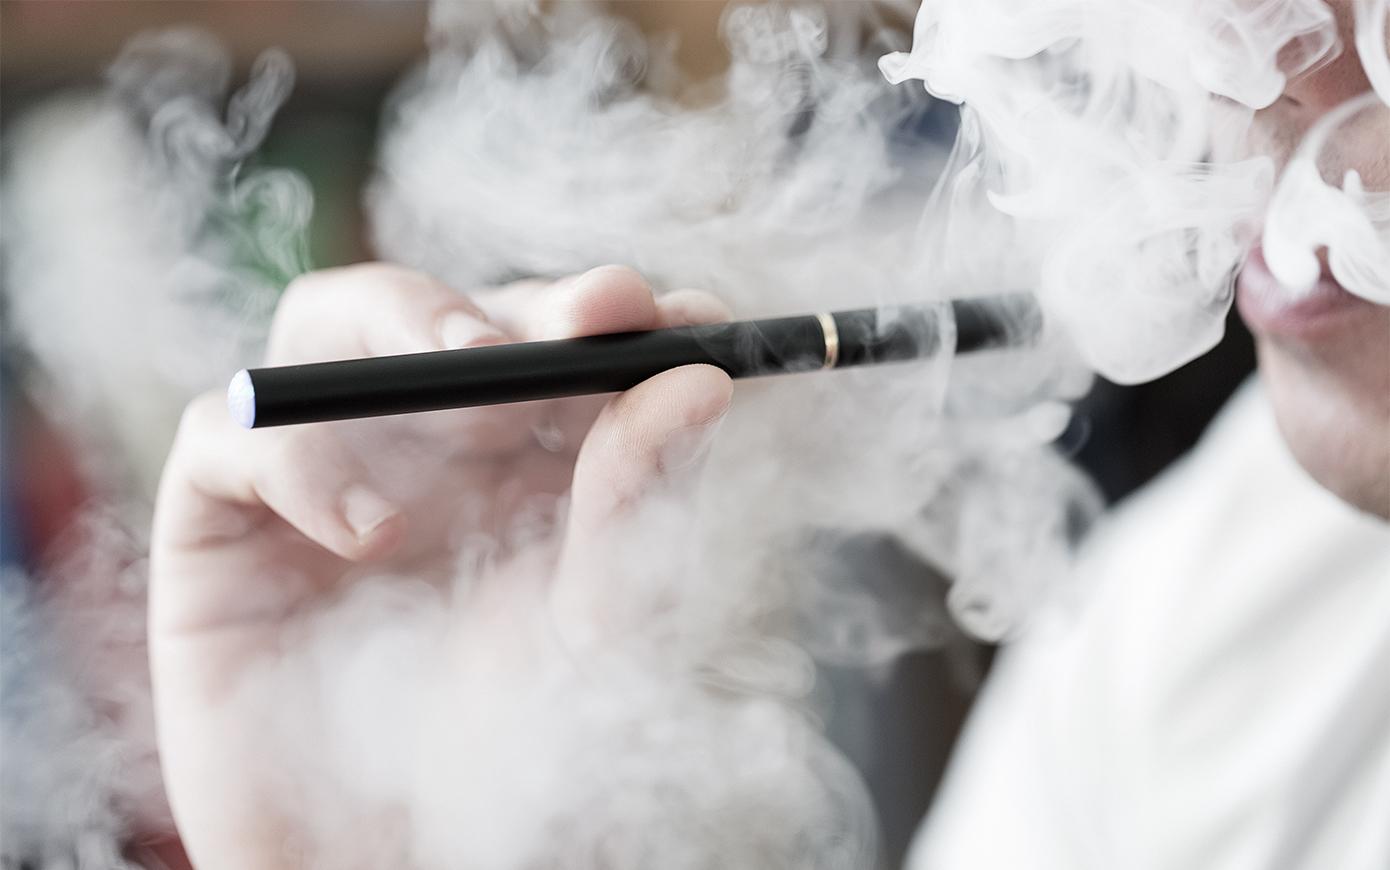 Есть ли вред от вейпа и электронных сигарет?